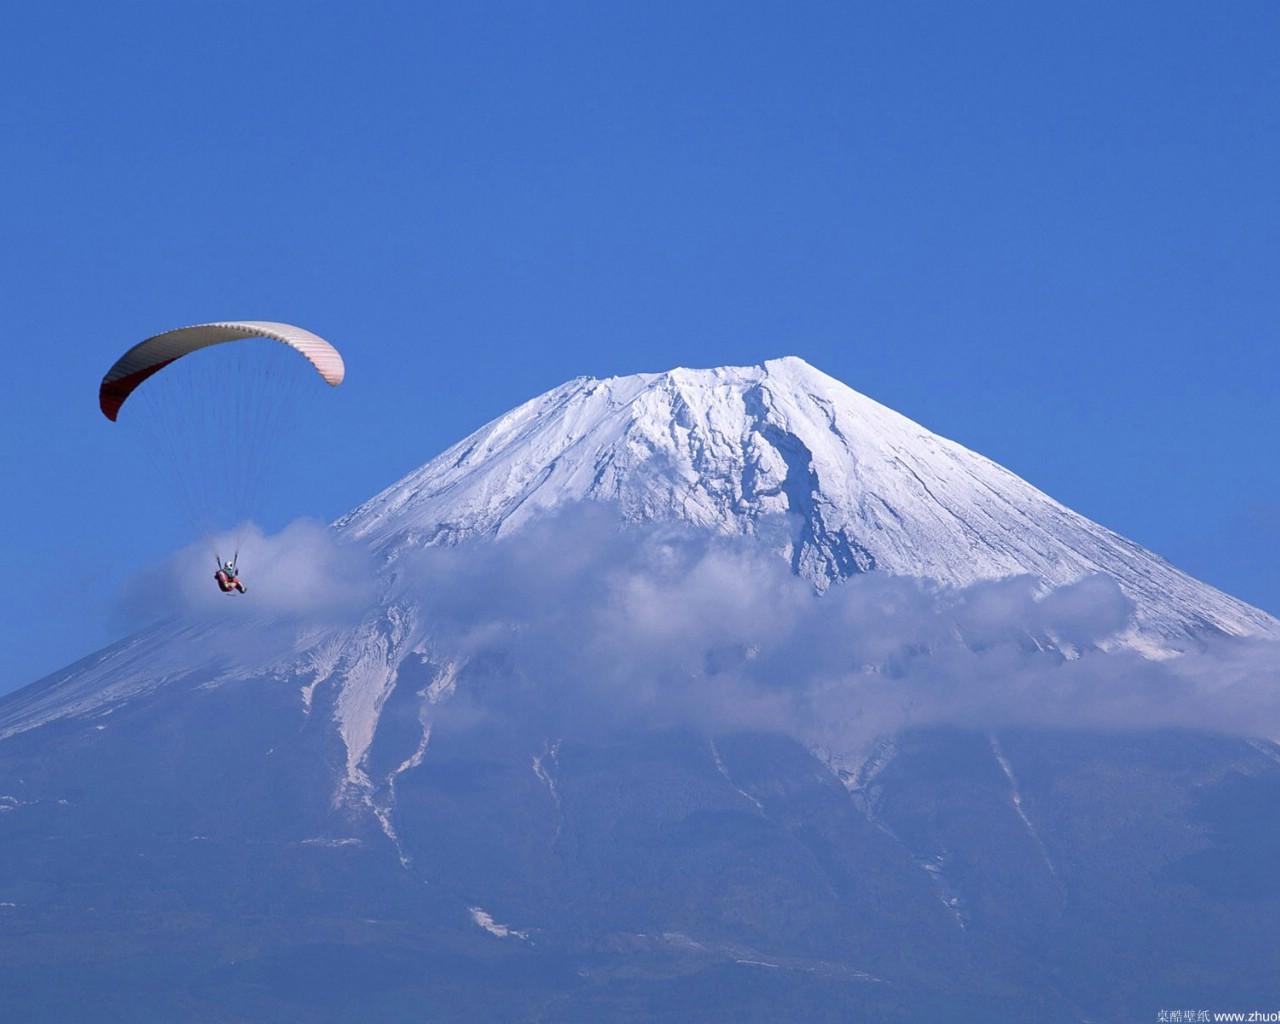 富士山 四季风景壁纸图片壁纸下载-极速富士山风光壁纸图片风景壁纸